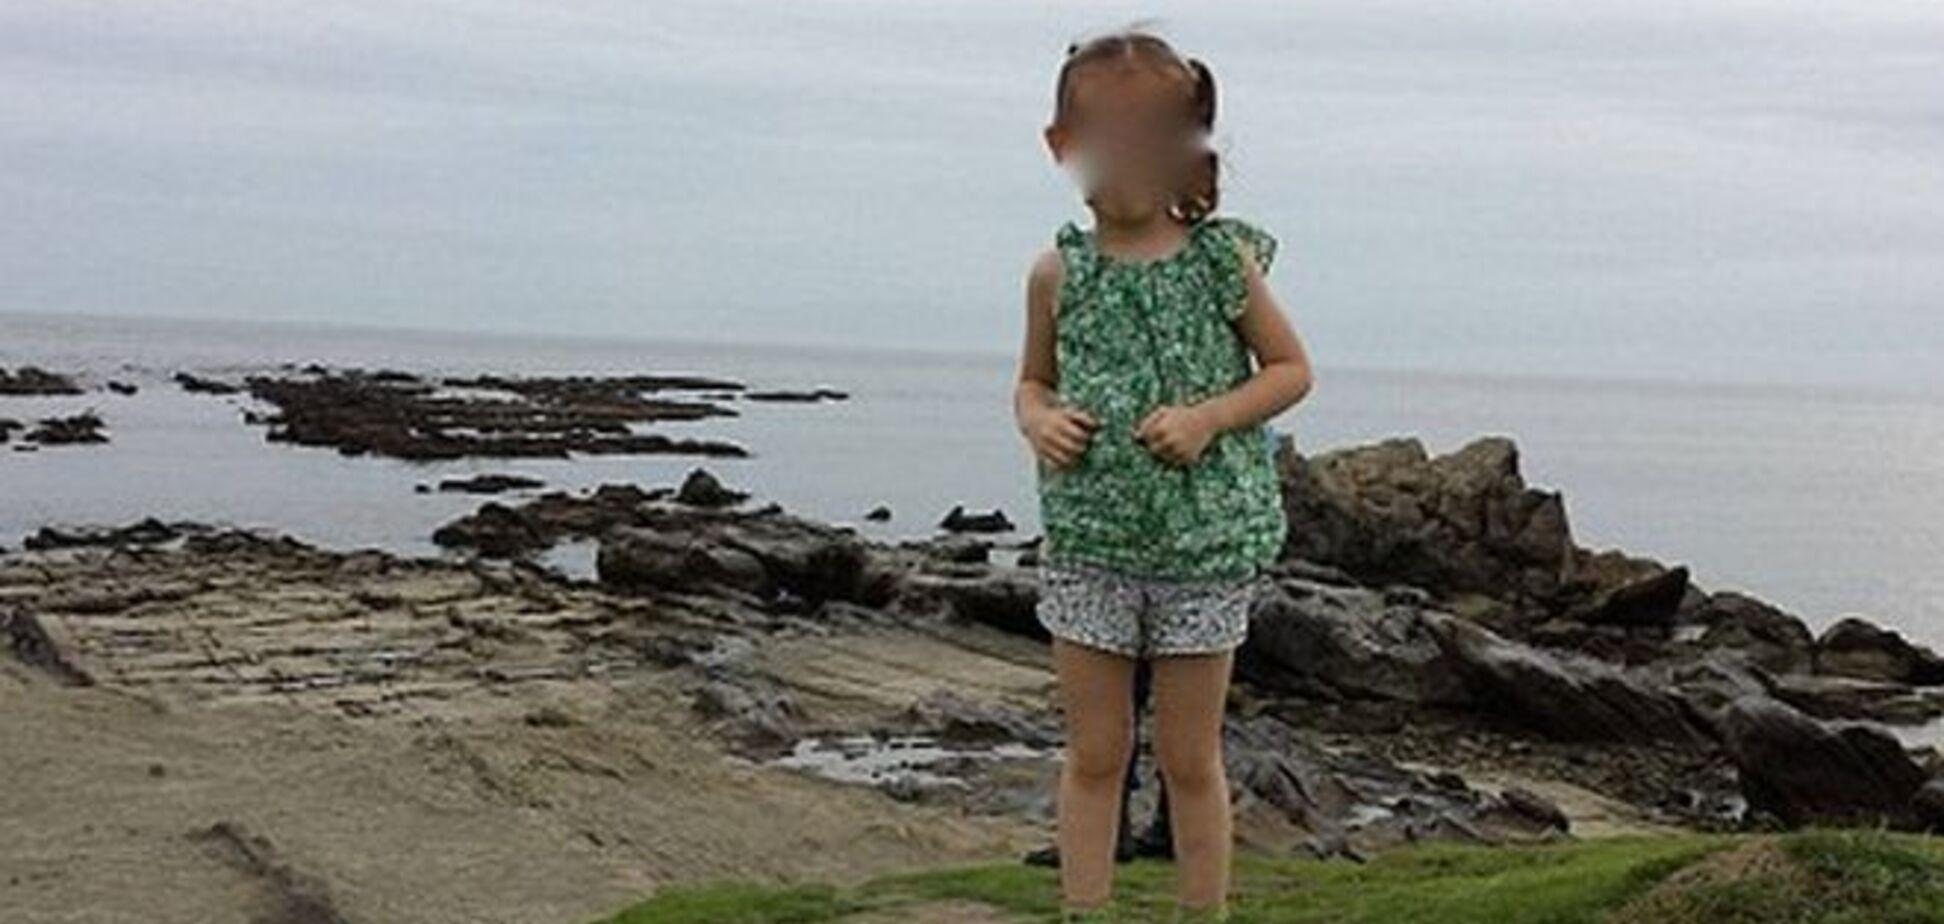 Маленькую девочку засняли с призраком солдата: жуткое фото